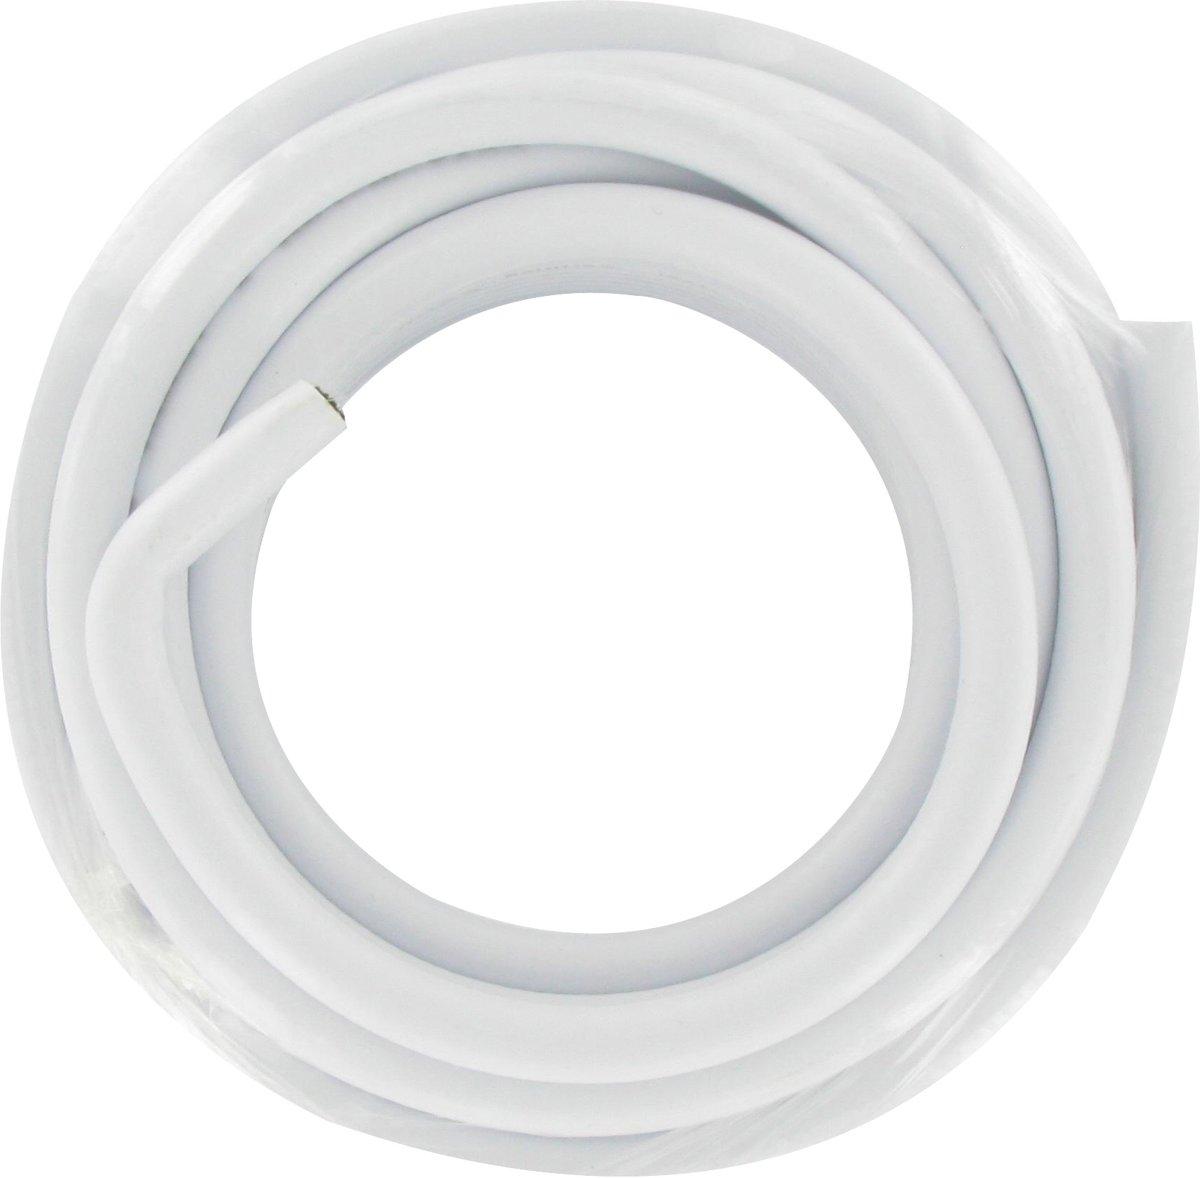 Kopp Coaxkabel Kabelkeur 10 M kopen